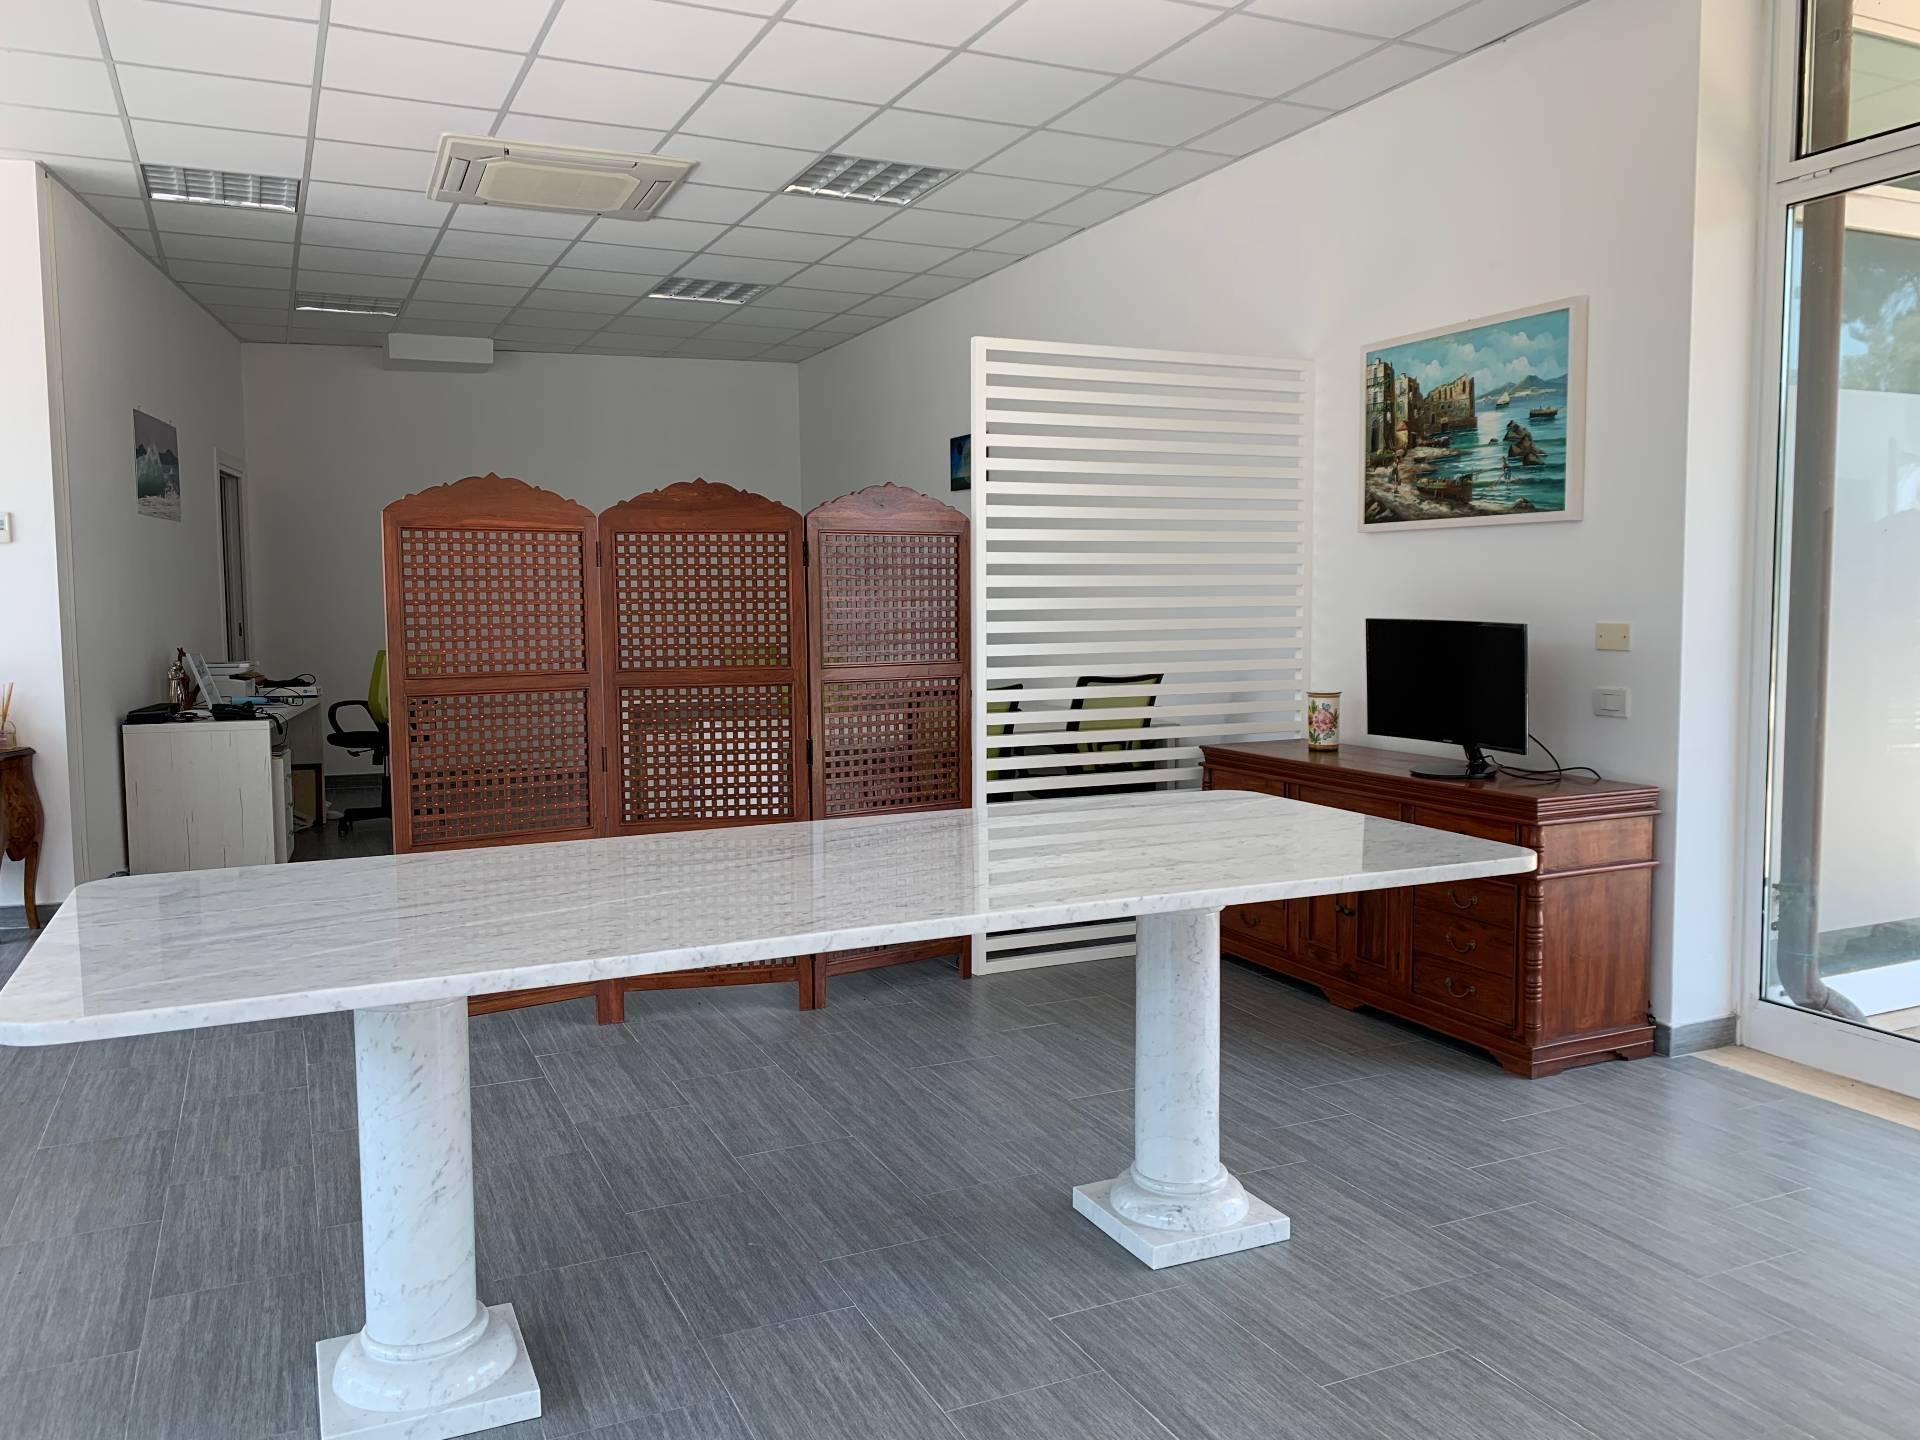 Ufficio in affitto - Focette, Pietrasanta